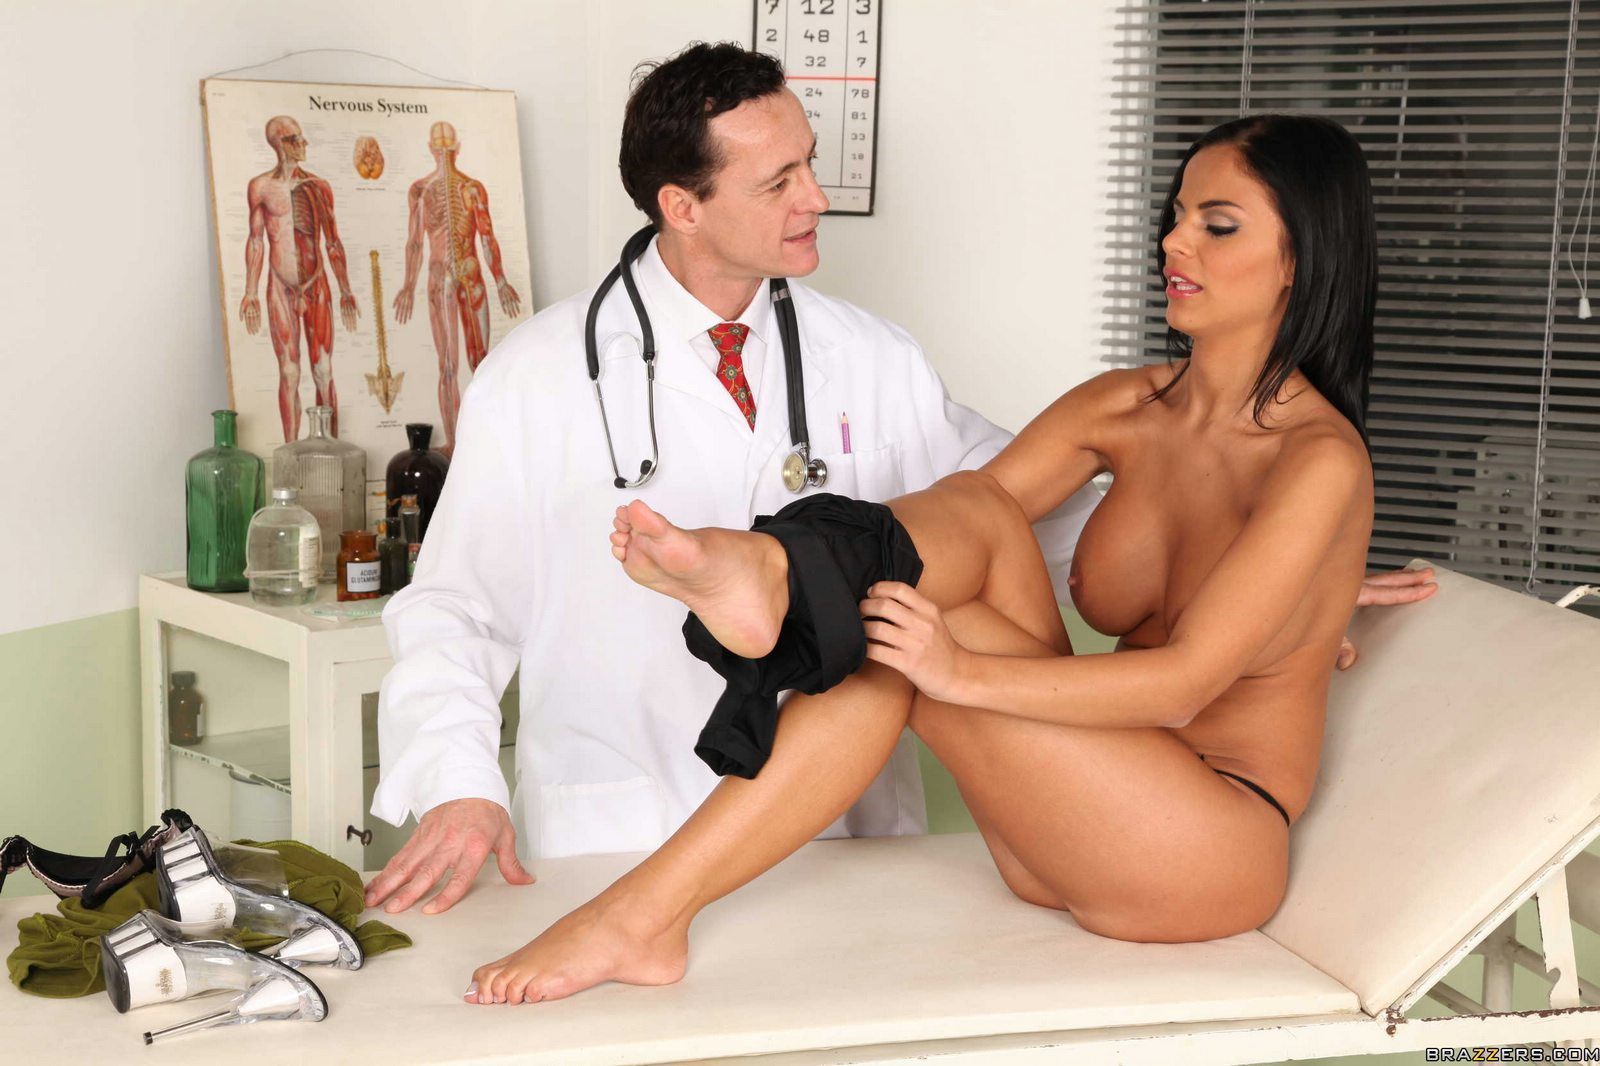 Doctors having porn